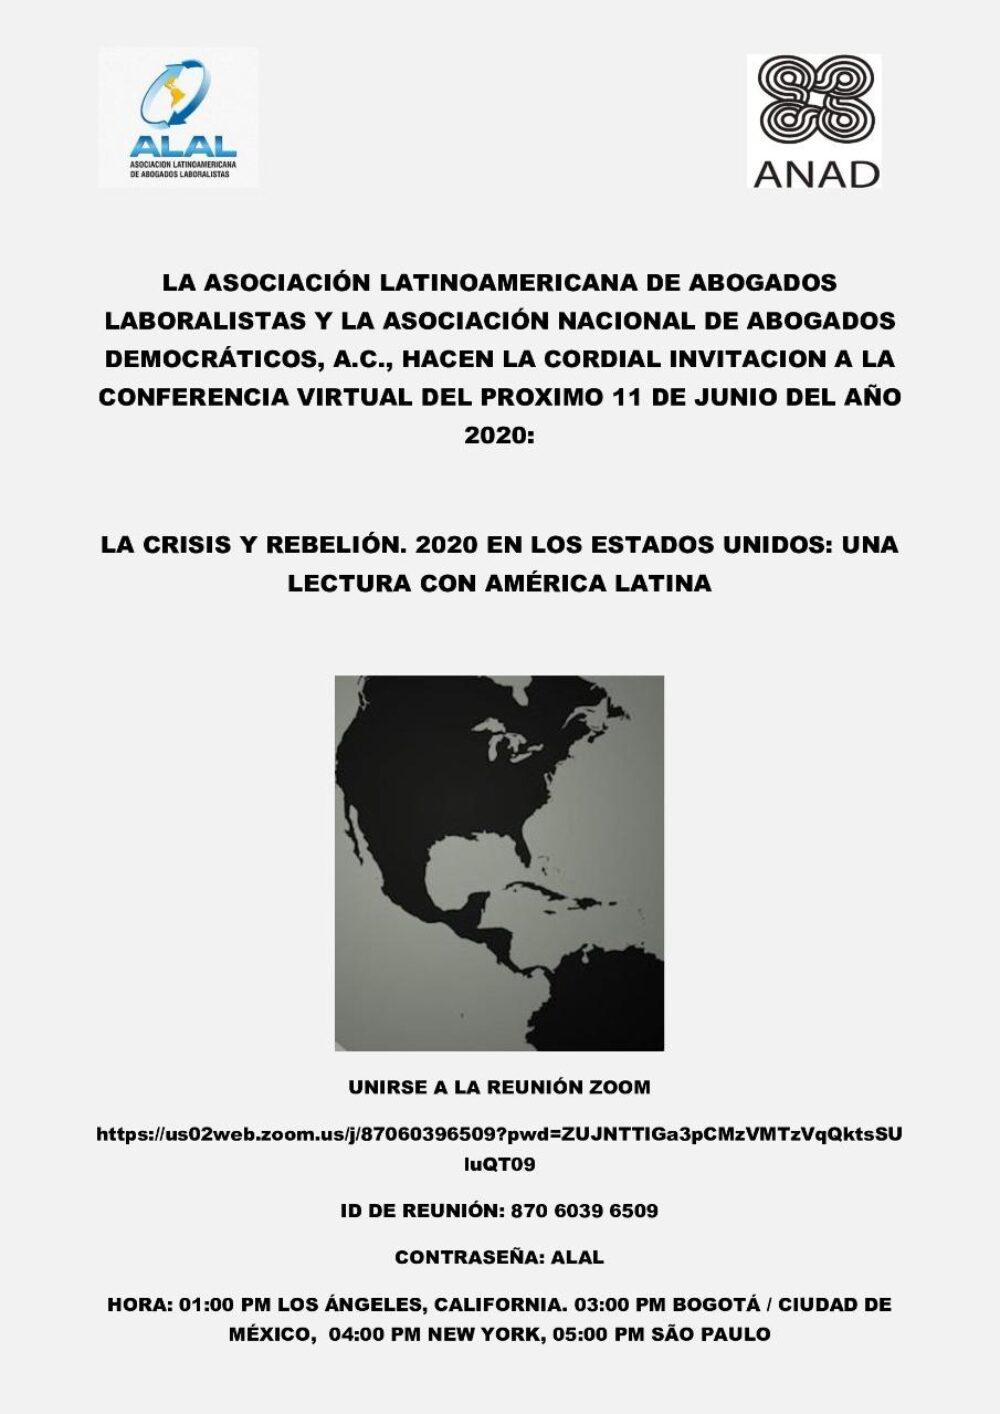 La crisis y rebelión. 2020 en los Estados Unidos: una lectura con América Latina.